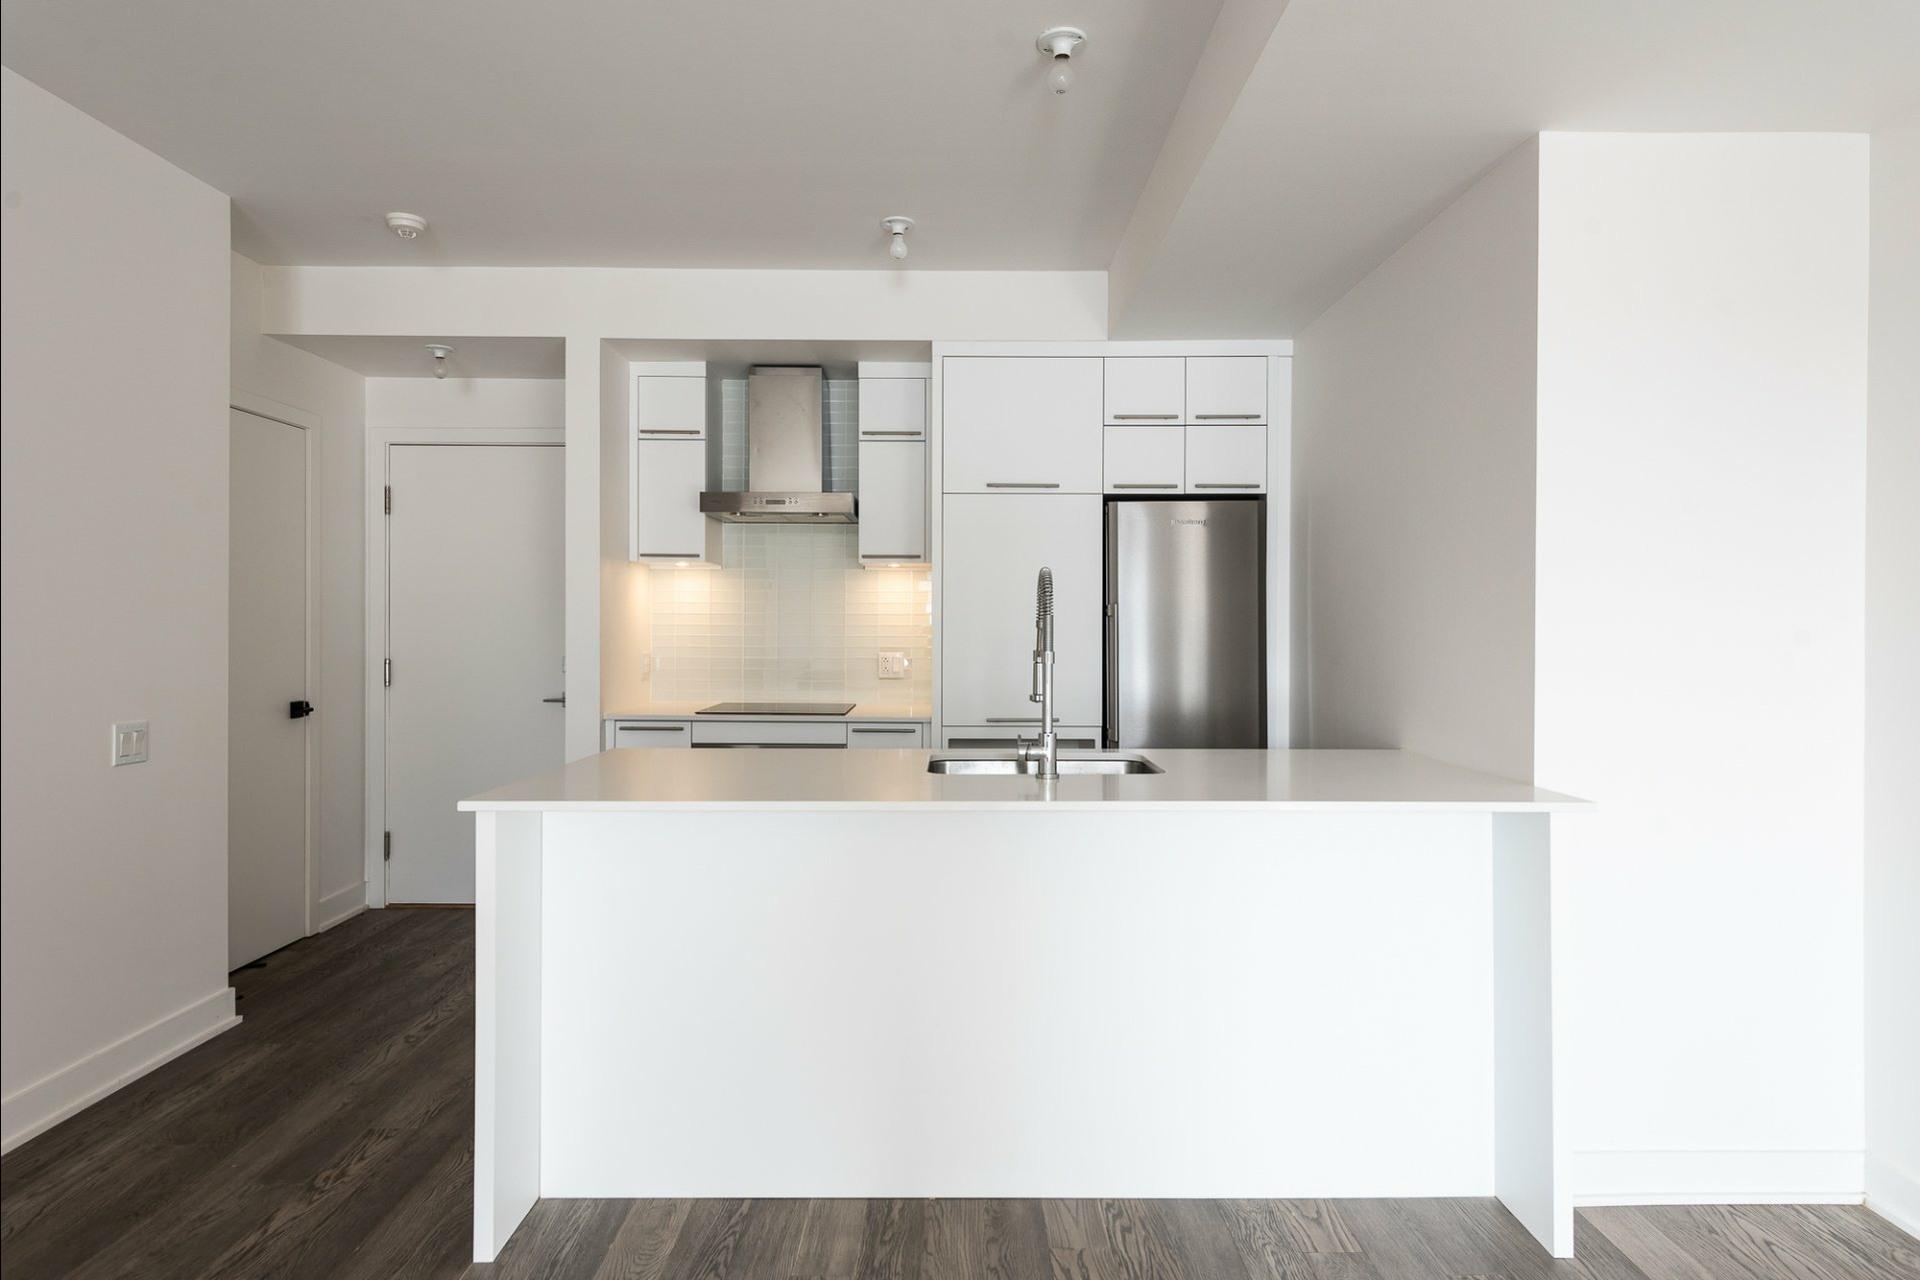 image 3 - Appartement À louer Villeray/Saint-Michel/Parc-Extension Montréal  - 5 pièces